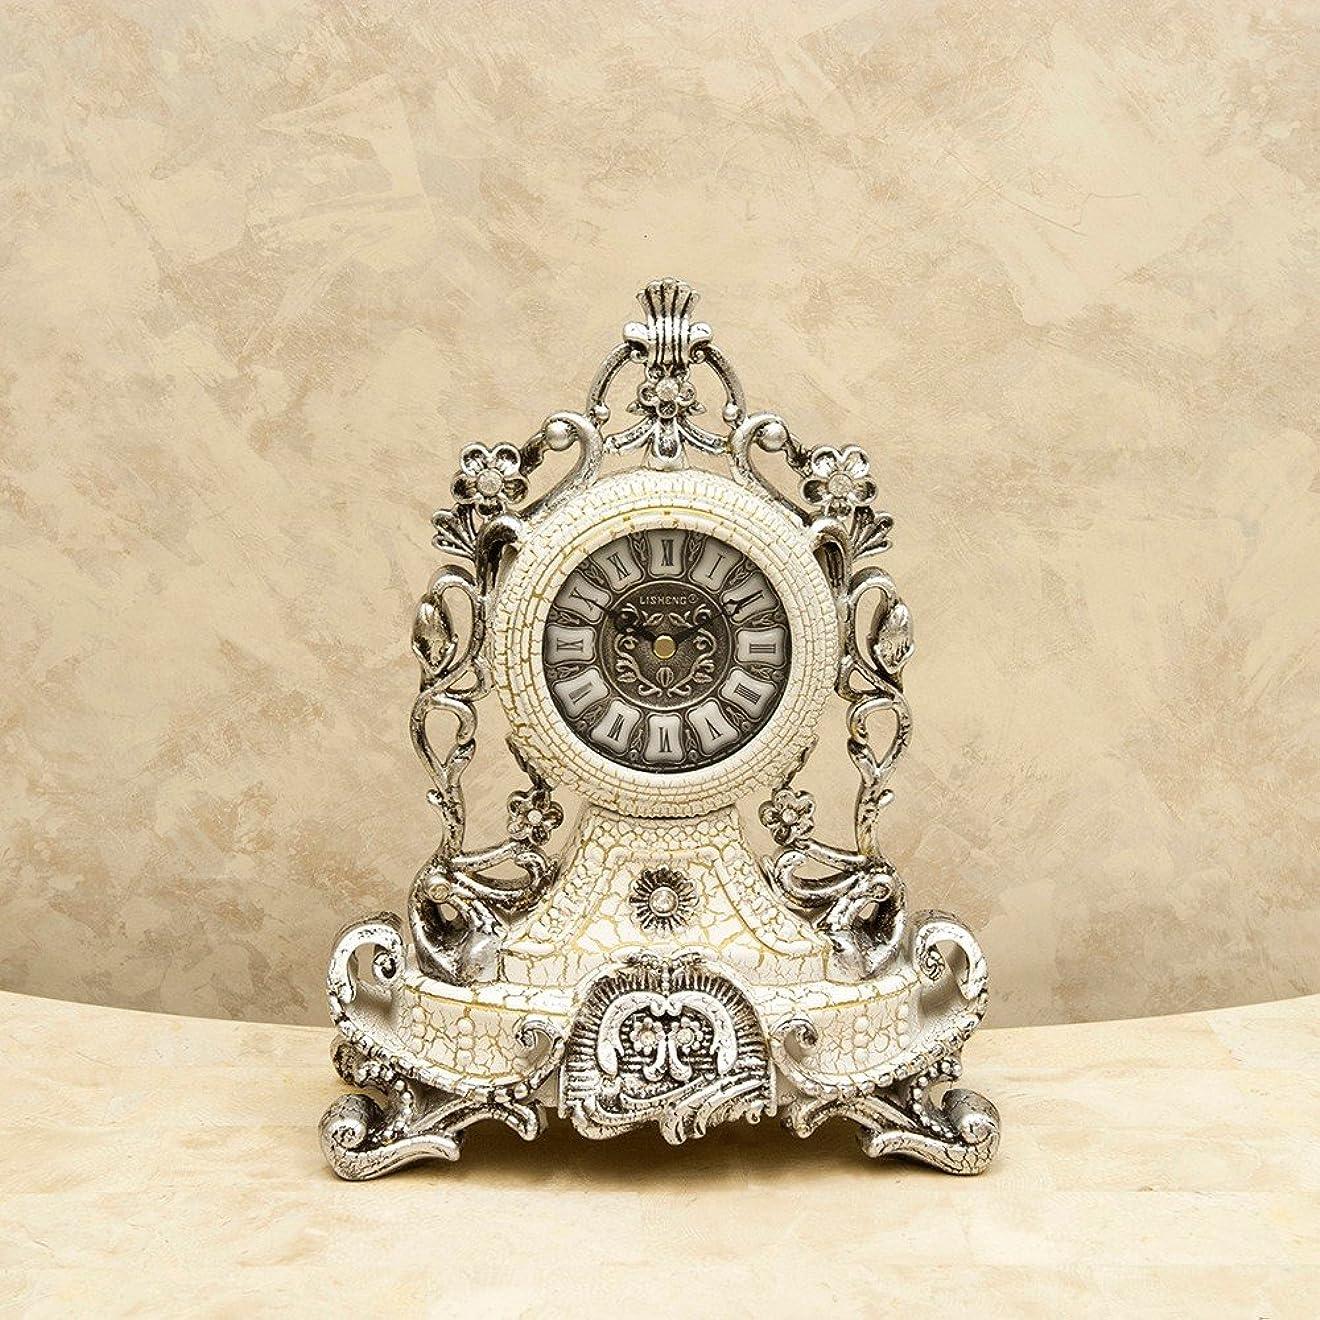 ブラインドしみ急ぐ置き時計 オシャレなデザインの ロココ調 テーブルクロック ホワイト